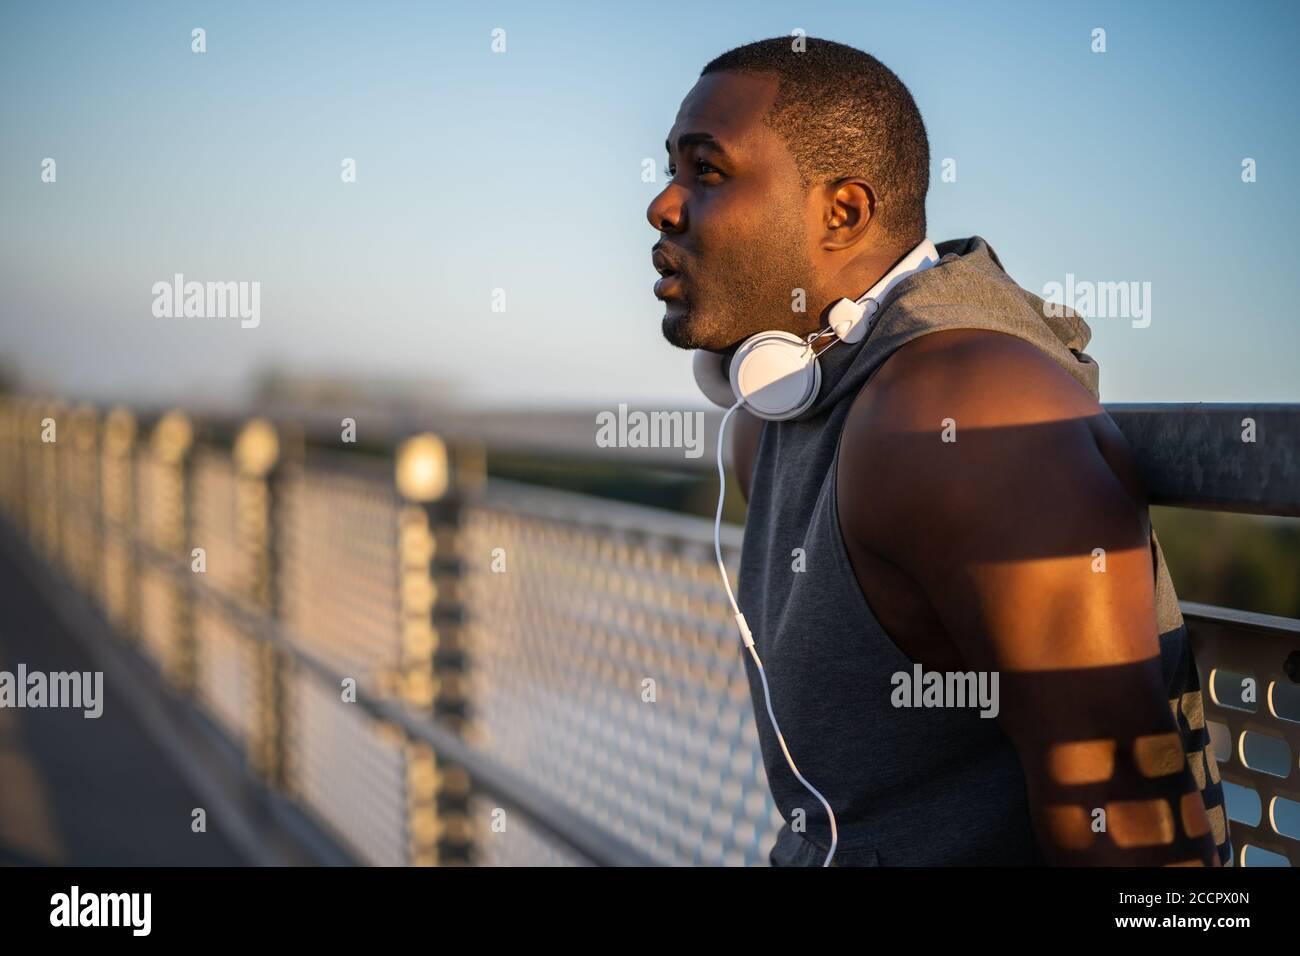 Porträt eines jungen fröhlichen afroamerikanischen Mannes in Sportkleidung, der sich nach dem Joggen entspannt. Stockfoto